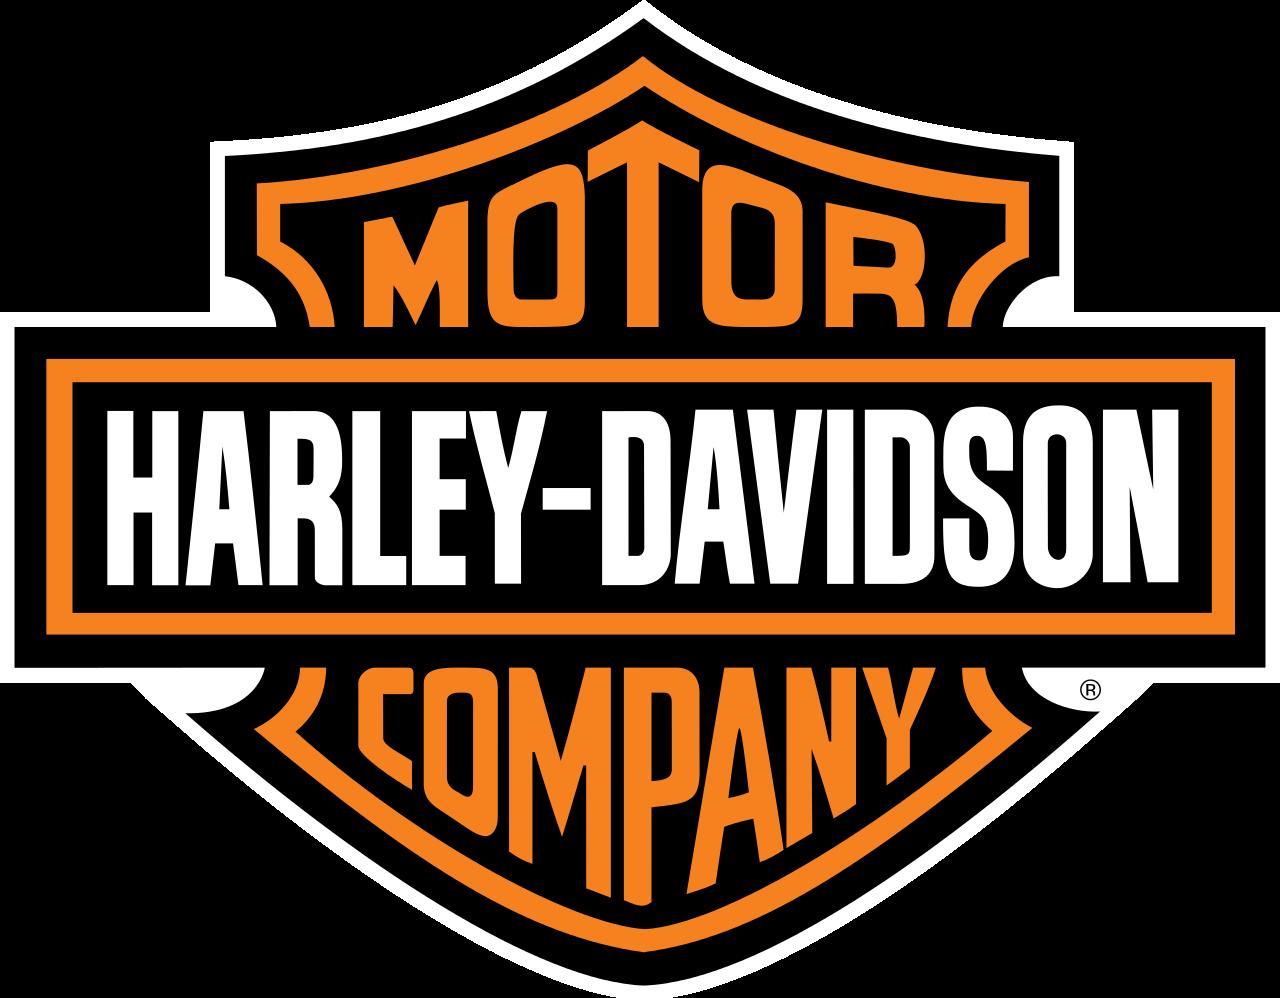 Si quieres disfrutar de una Harley Davidson conoce un poco más de ella